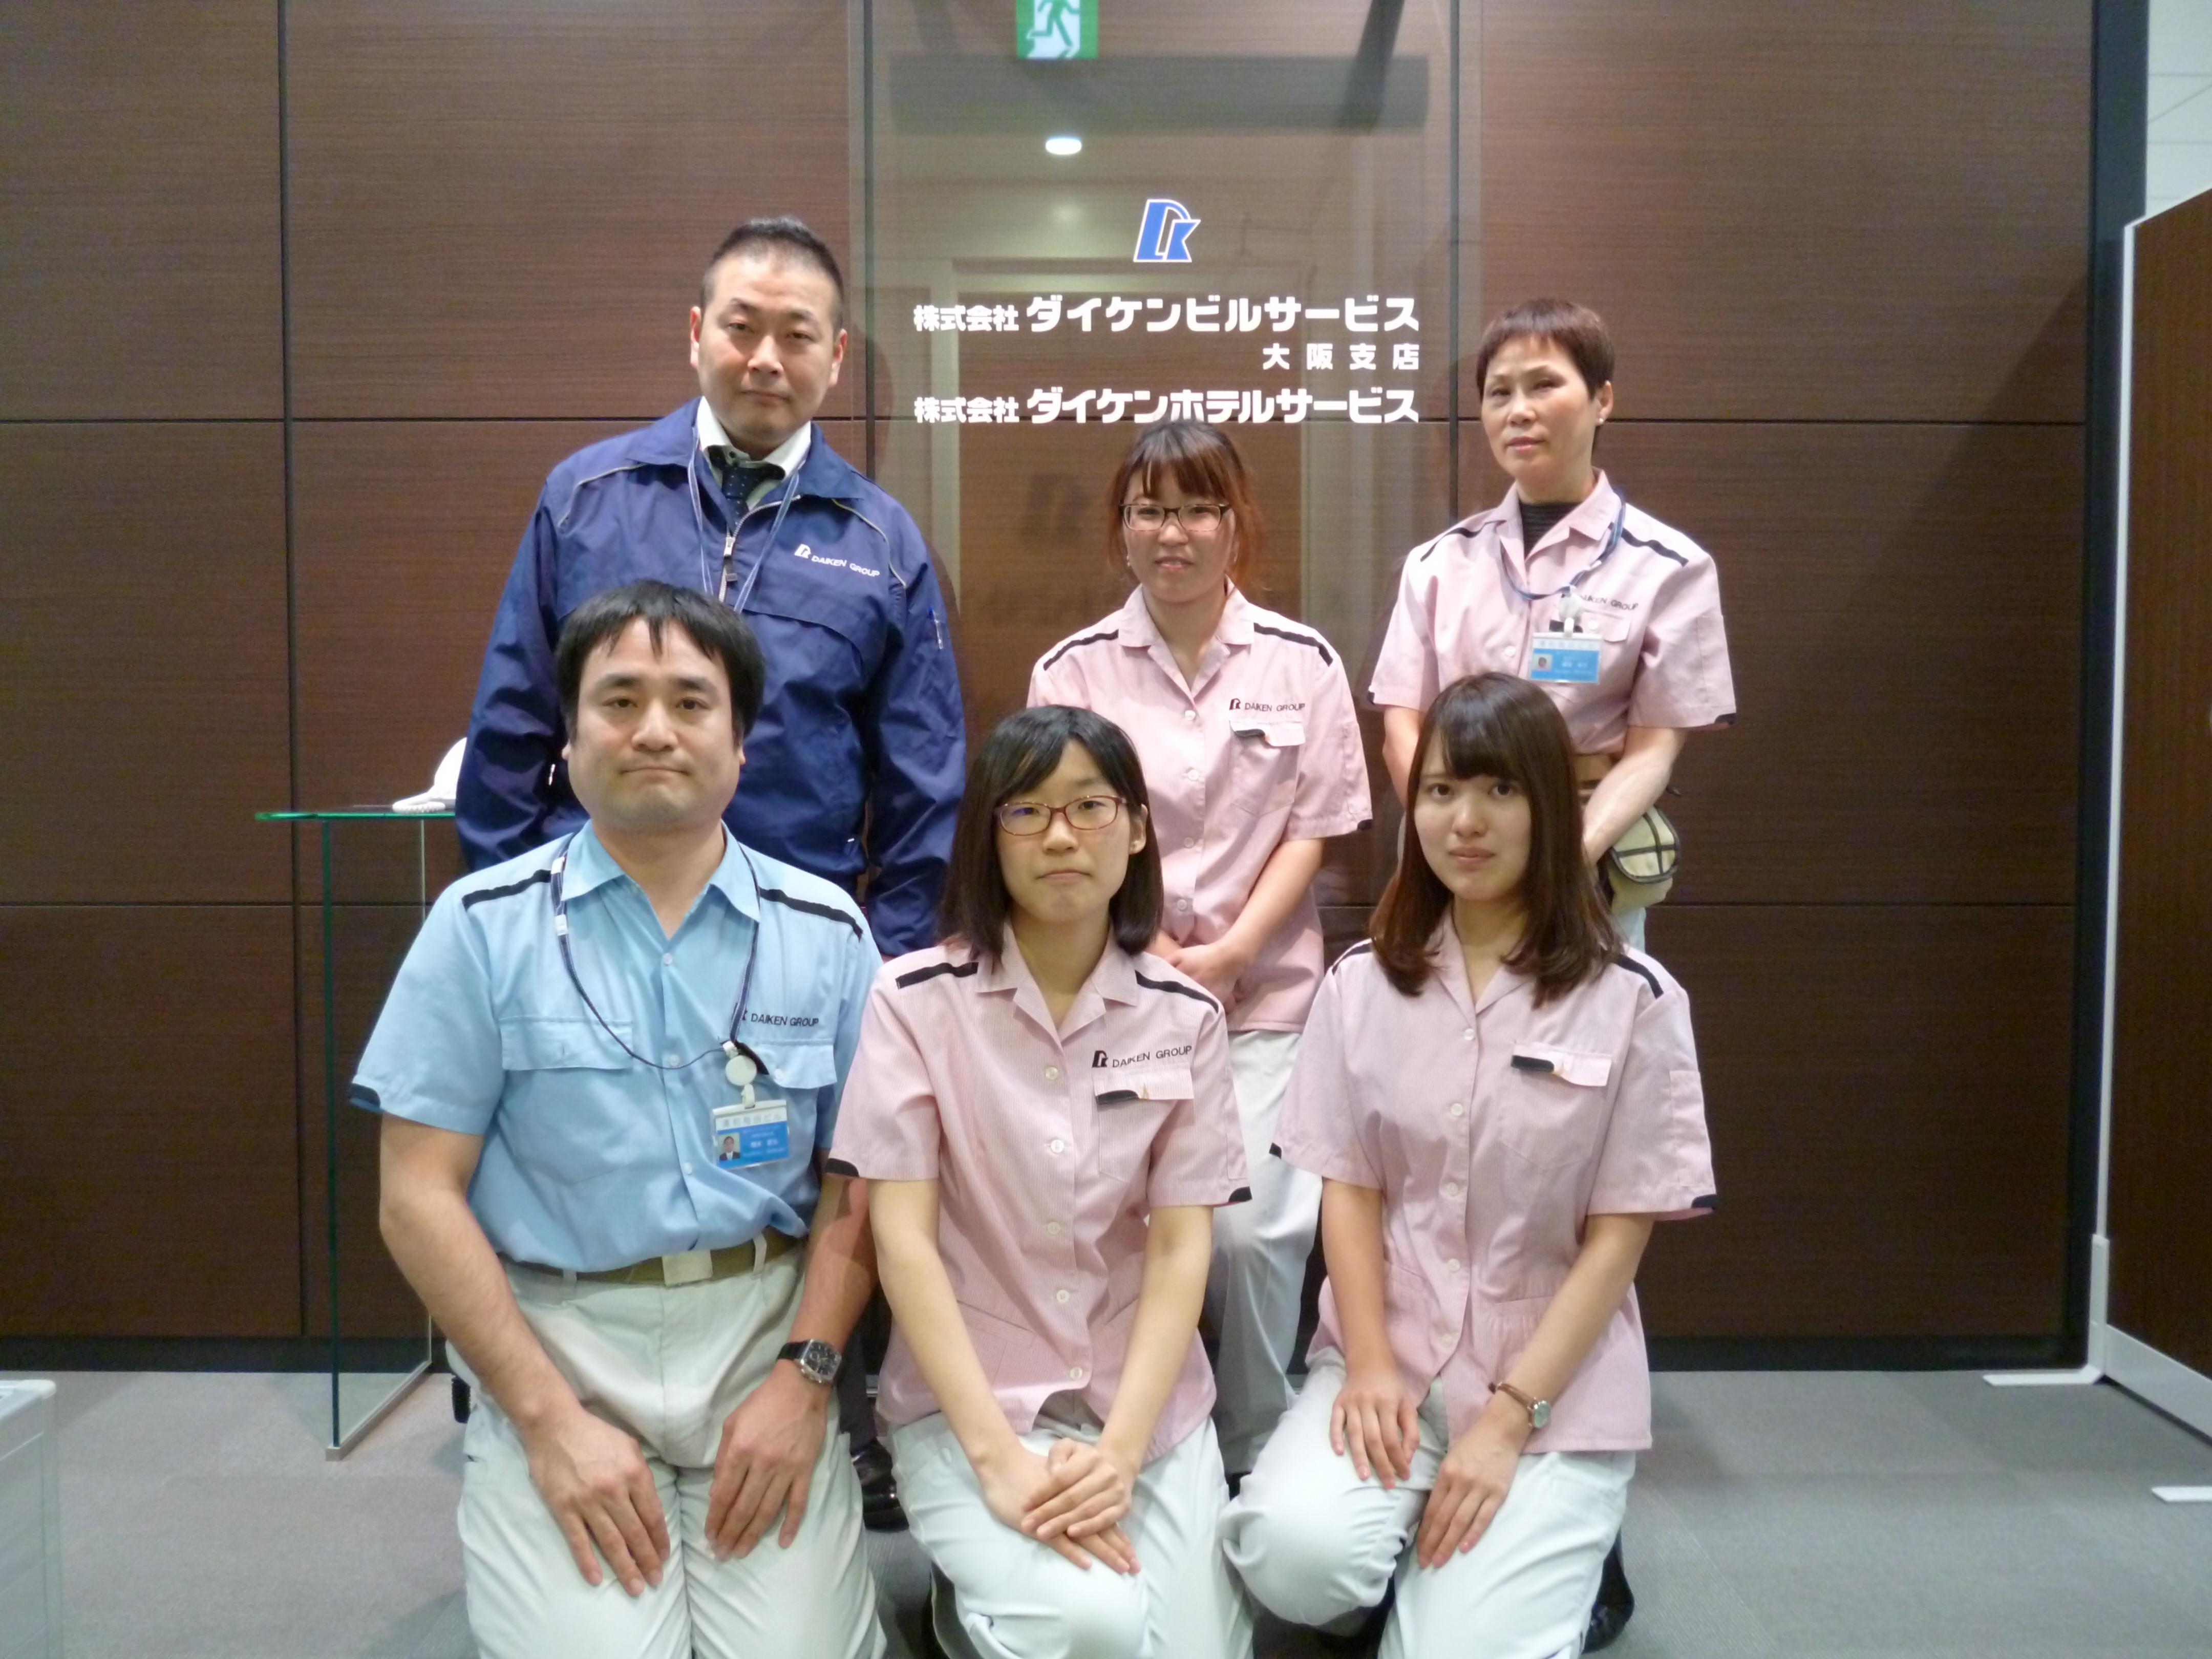 清掃スタッフ ショッピングセンター 株式会社ダイケンビルサービス のアルバイト情報